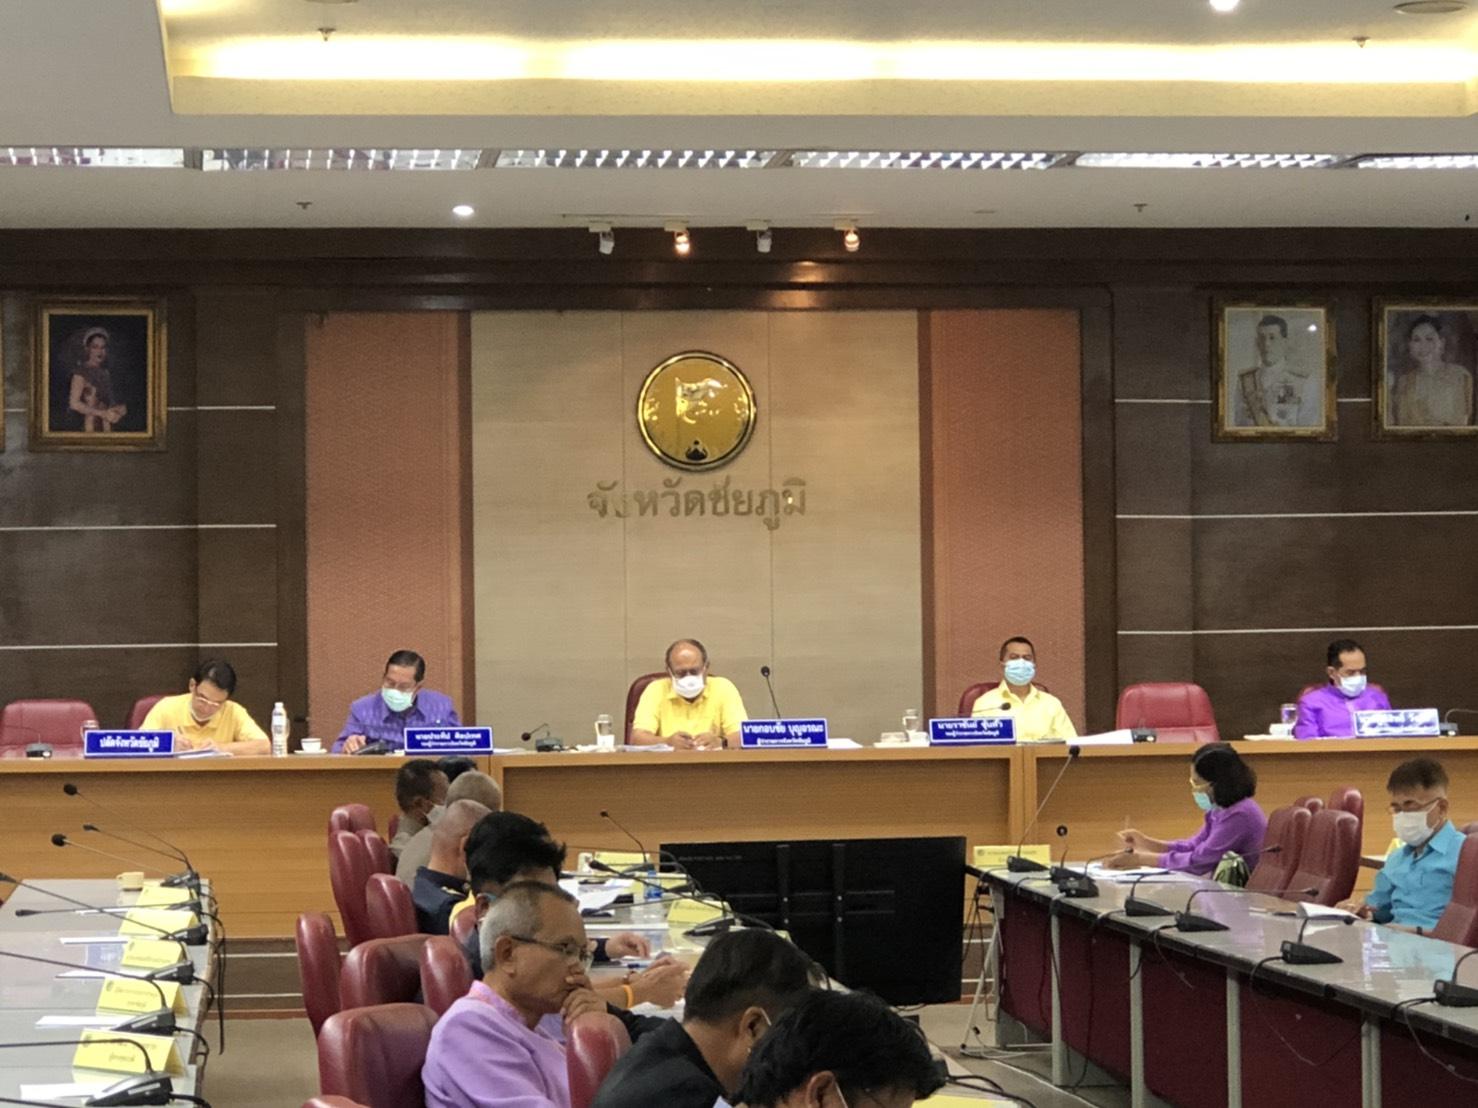 การประชุมชี้แจงแนวทางการดำเนินการตามคู่มือแนวปฏิบัติการแสดงโครงการพัฒนาและเสริมสร้างความเข้มแข็งของเศรษฐกิจฐานรากให้แก่จังหวัด ณ ห้องประชุมราชสีห์ ชั้น 2 ศาลาว่าการกระทรวงมหาดไทย ผ่าน ระบบ Video Conference ห้องประชุมพญาแล ชั้น 5 ศาลากลางจังหวัดชัยภูมิ